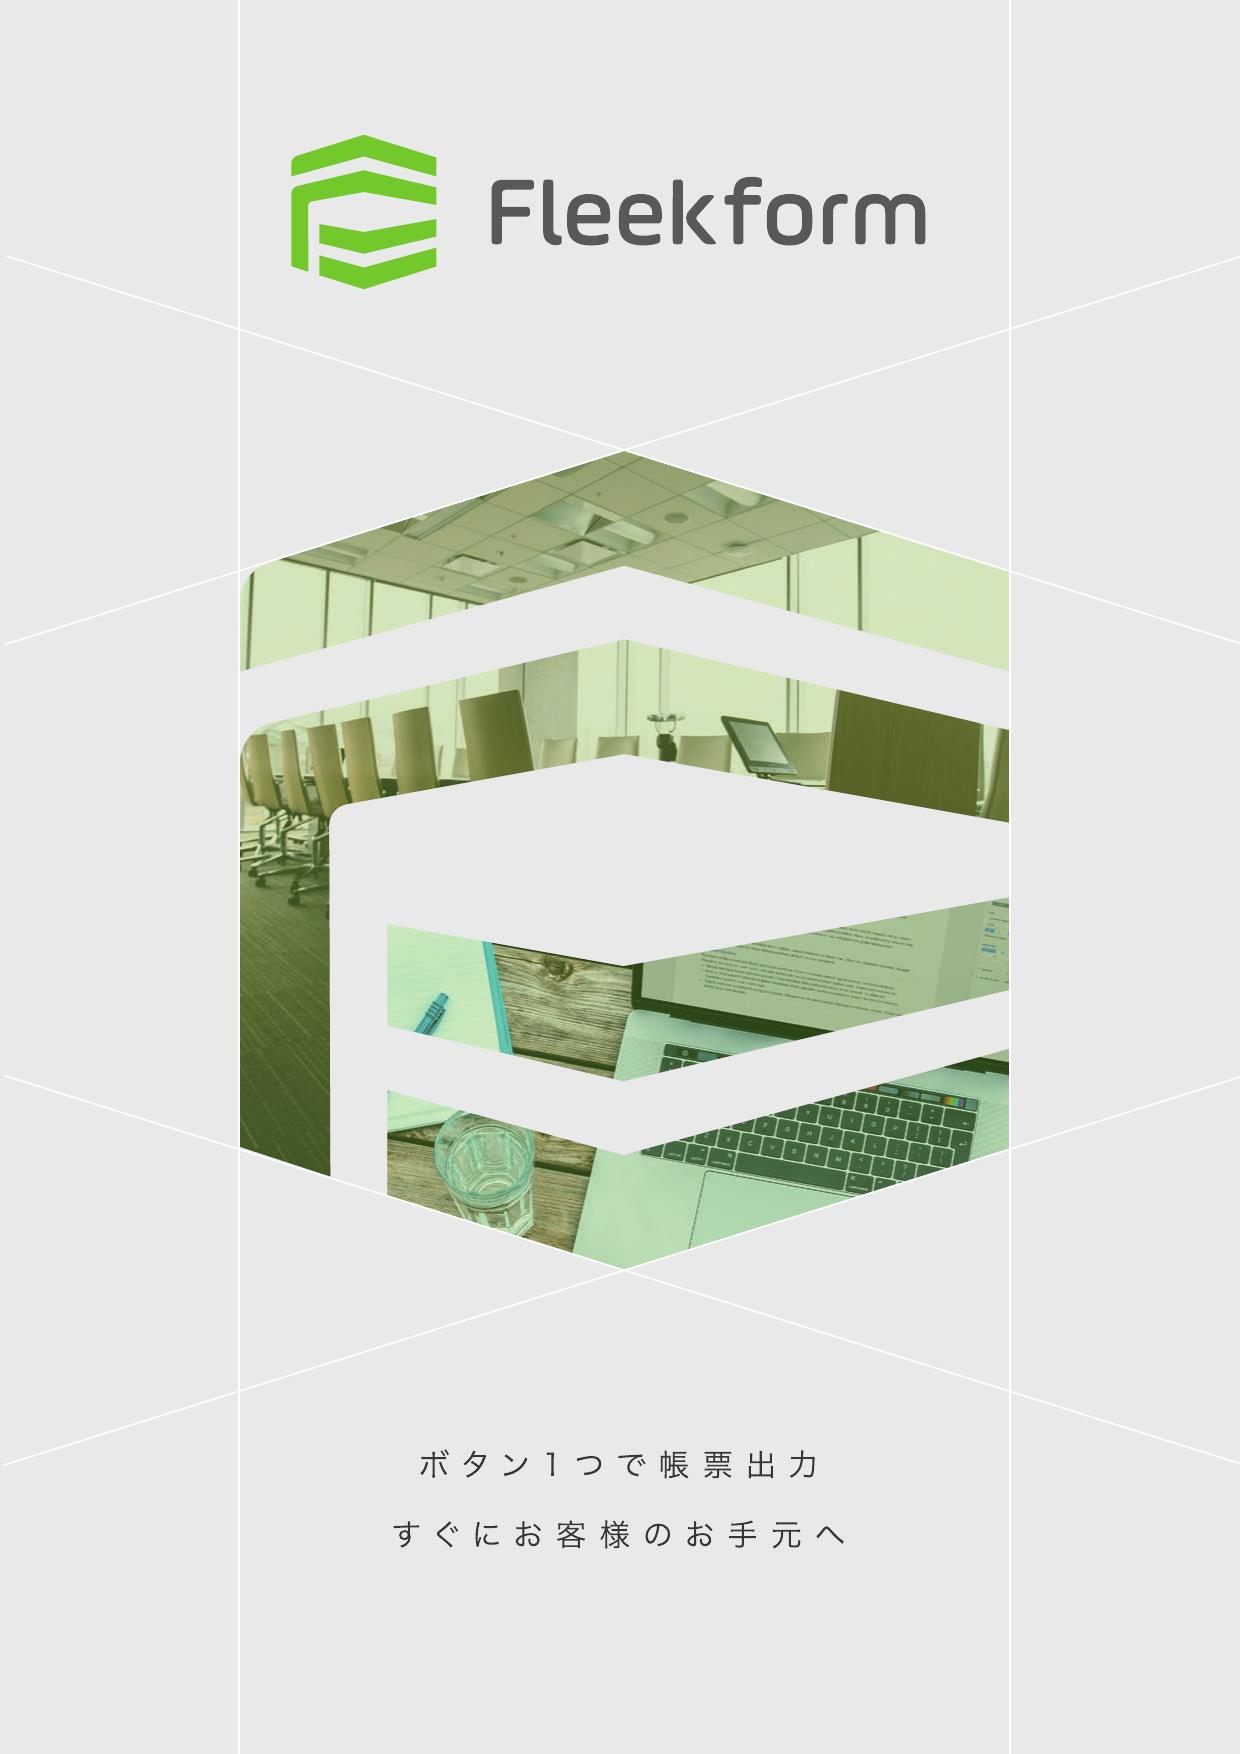 クラウド統合帳票出力サービス Fleekform